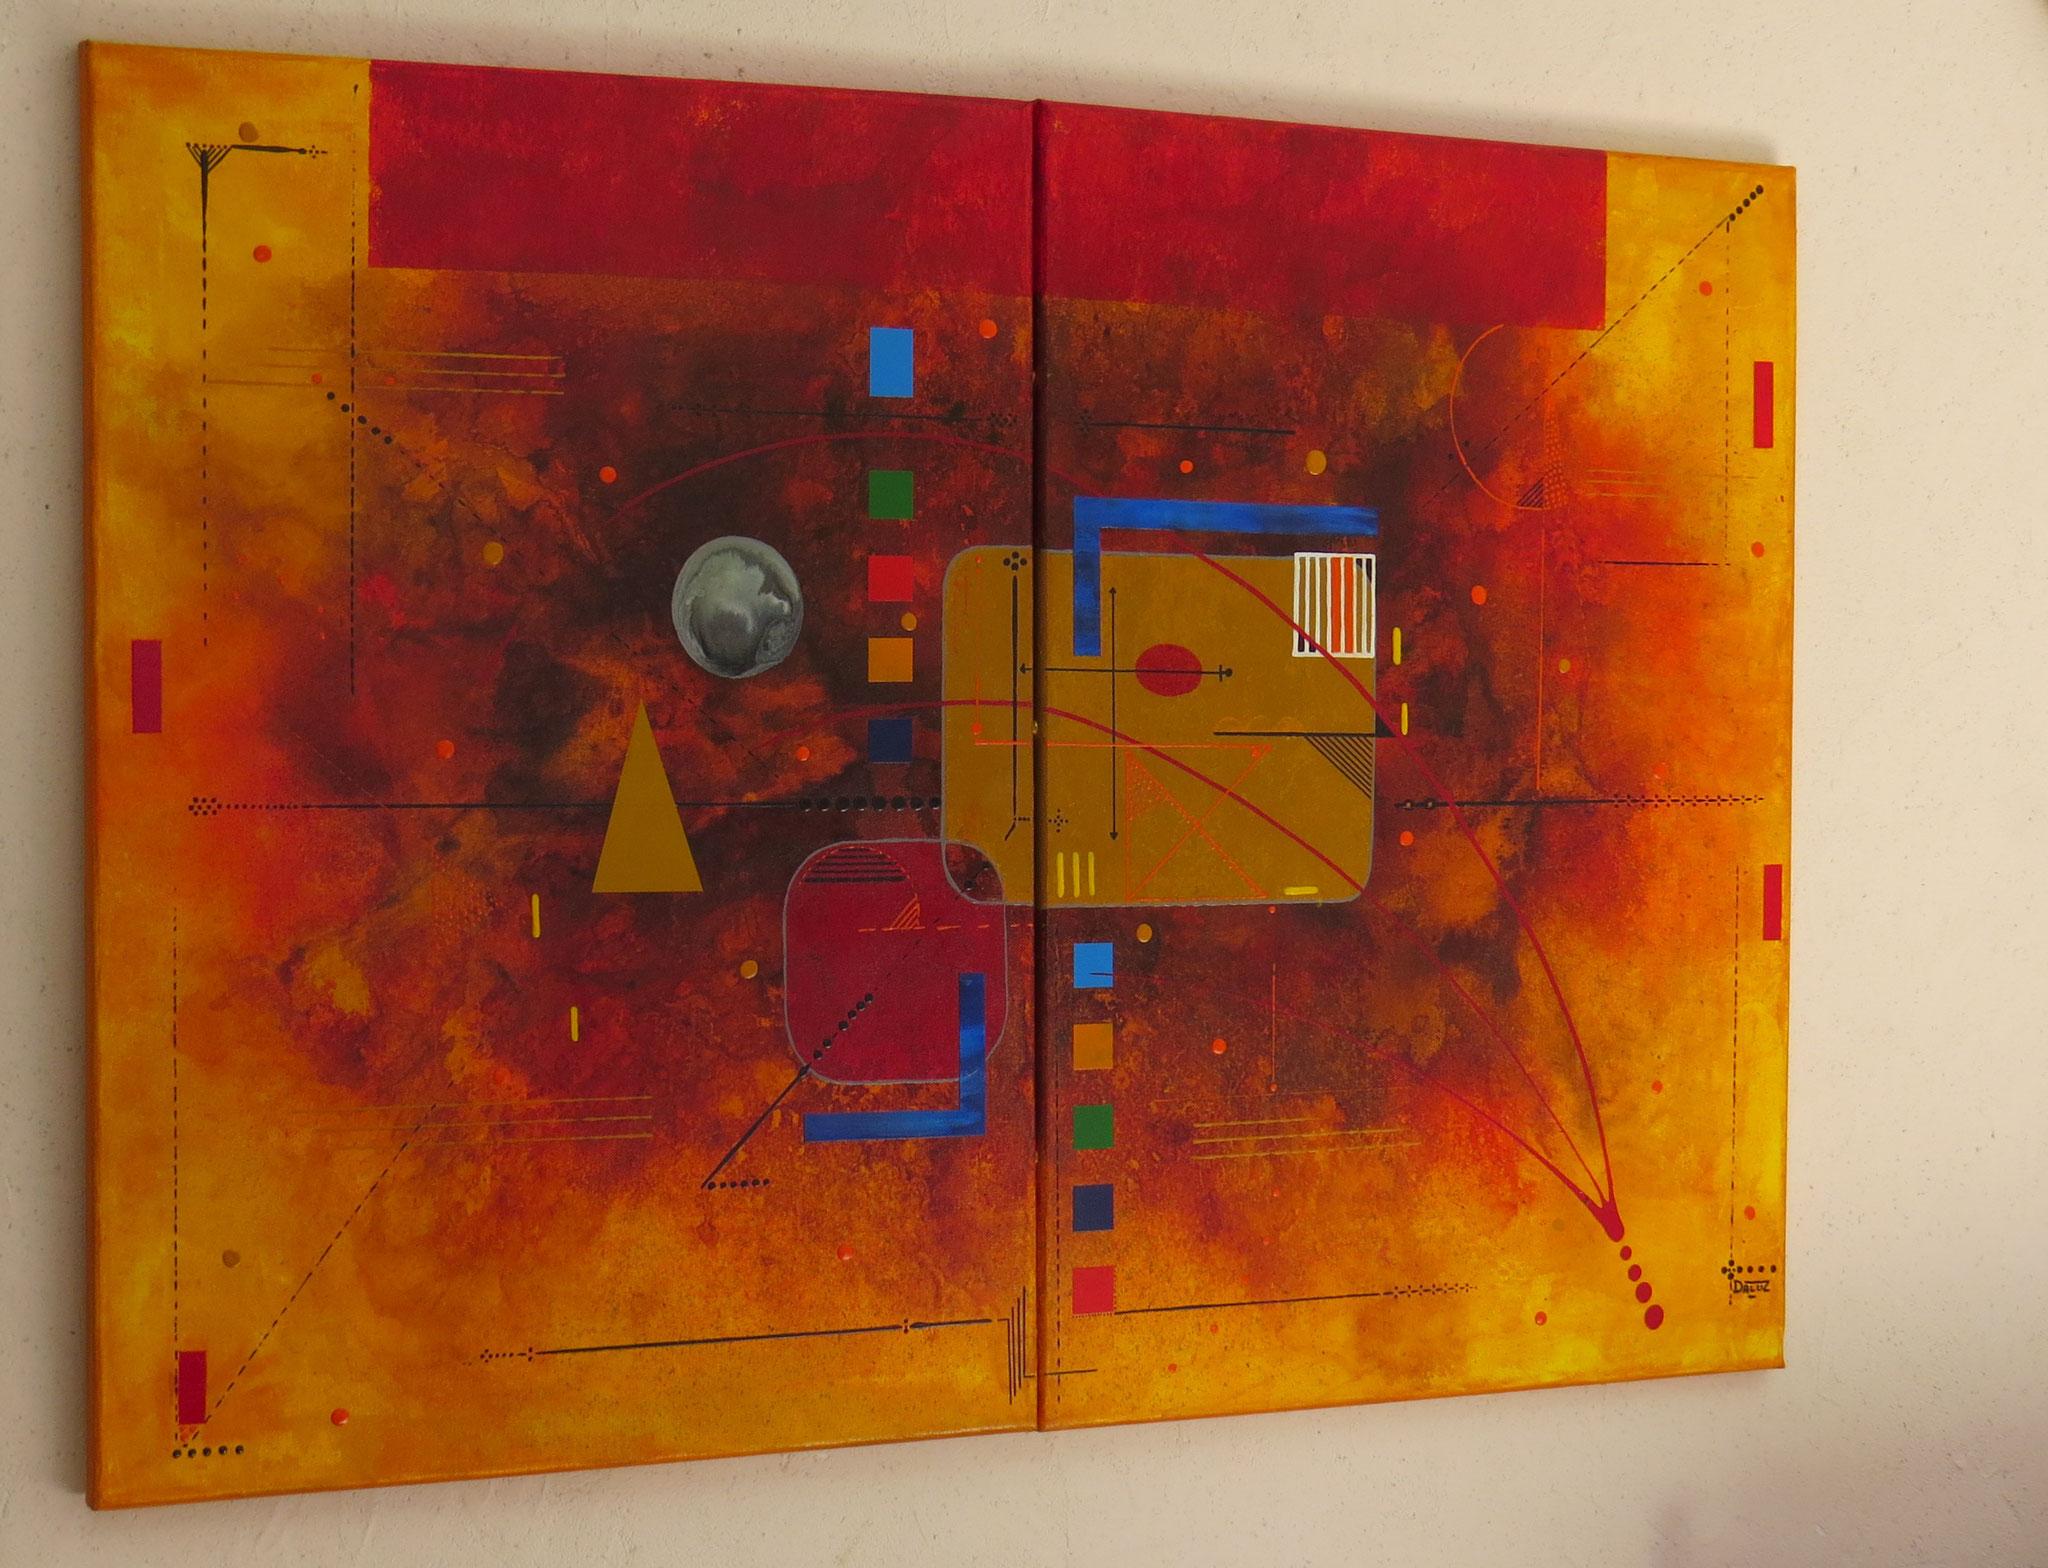 delta - vue côté1 - DALUZ GALEGO - peinture abstraite